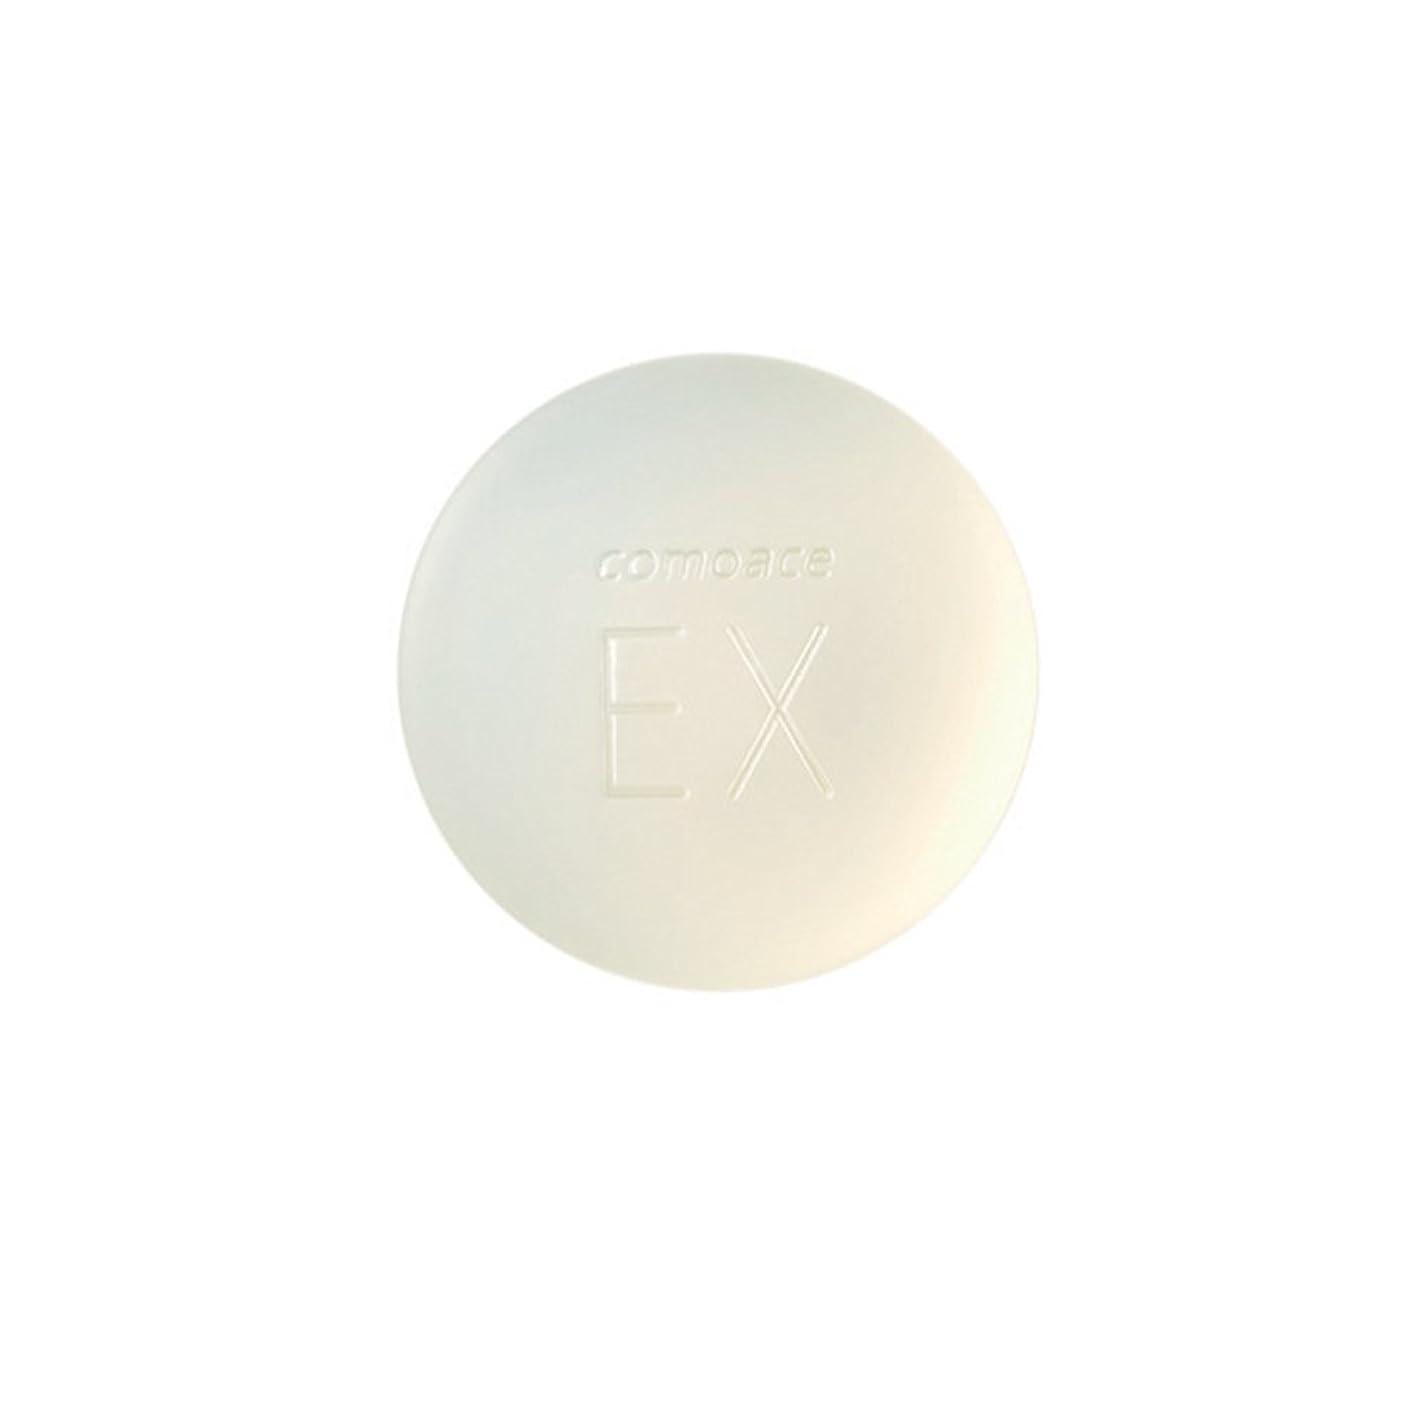 胚芽いくつかの郵便物コモエースEX ソープ100g